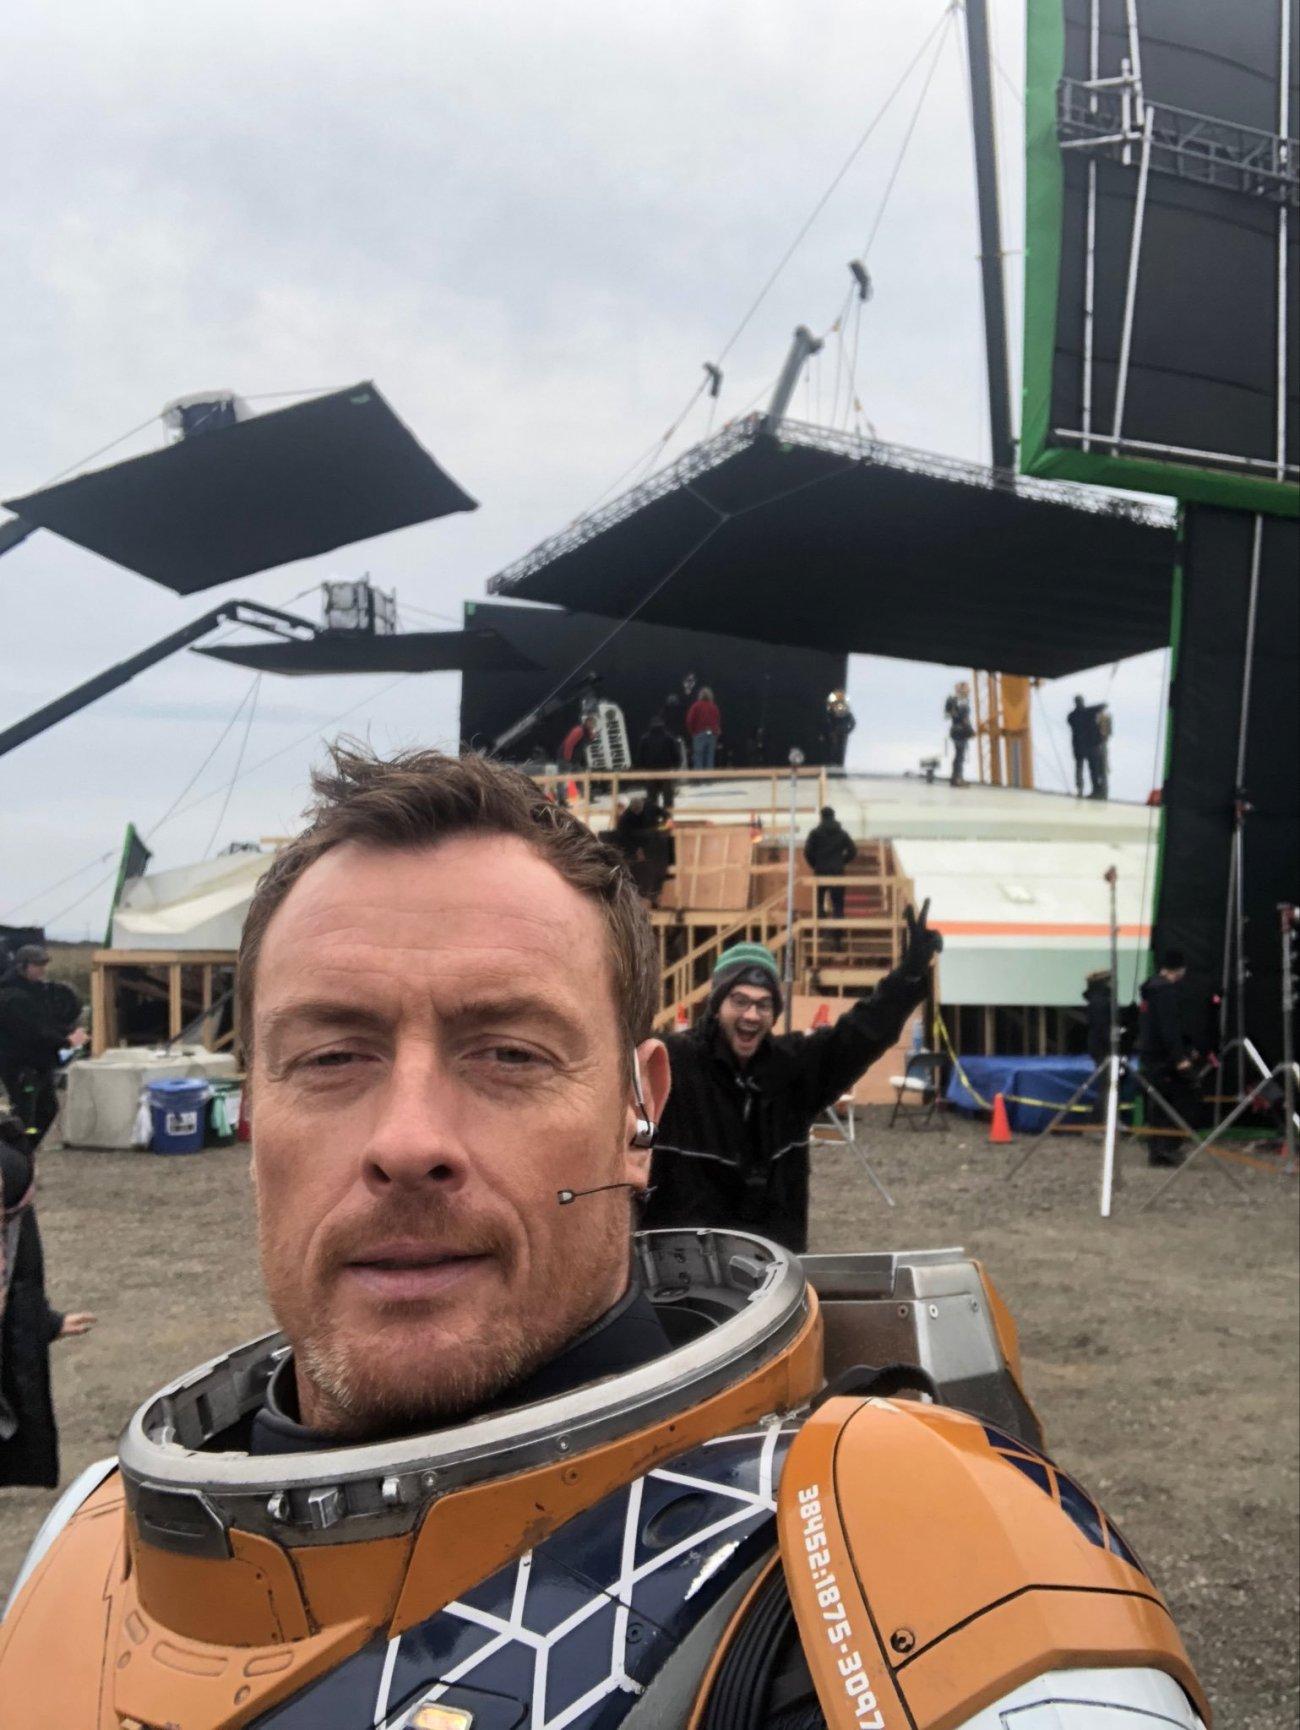 Toby Stephens como John Robinson en el set de la temporada 2 de Lost in Space. Imagen: Toby Stephens Twitter (@TobyStephensInV).